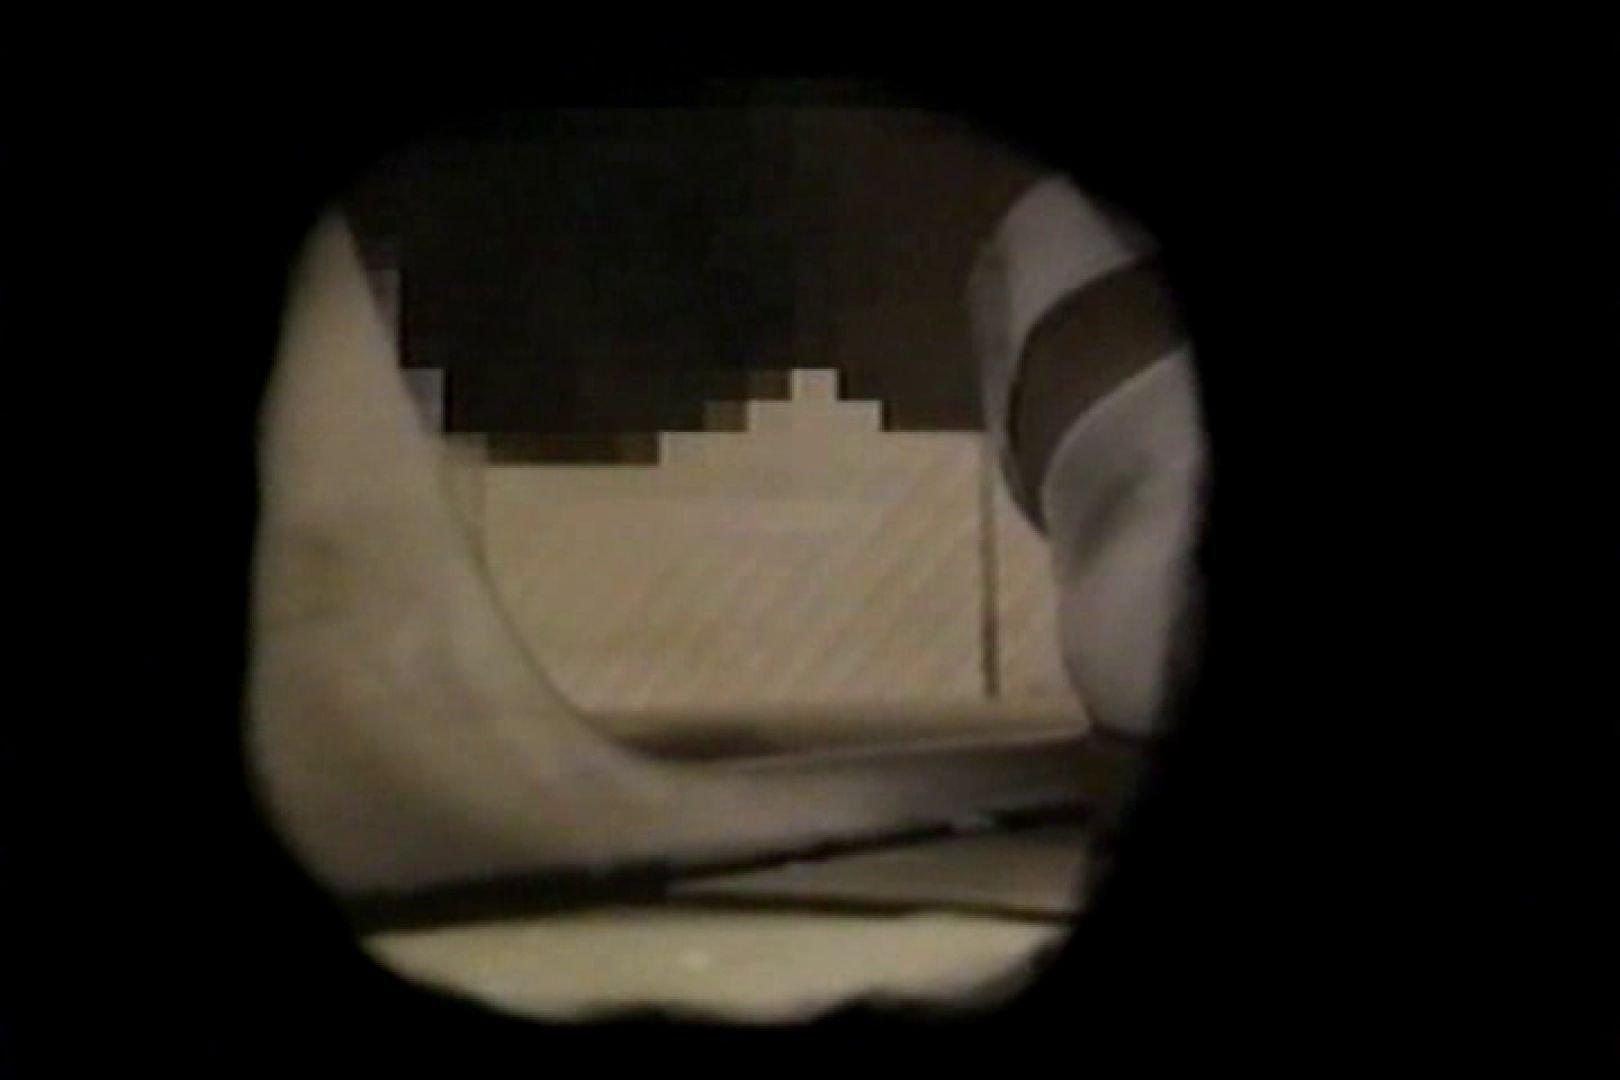 盗撮 女子洗面所3ヶ所入ってしゃがんで音出して 洗面所 オマンコ無修正動画無料 109連発 47